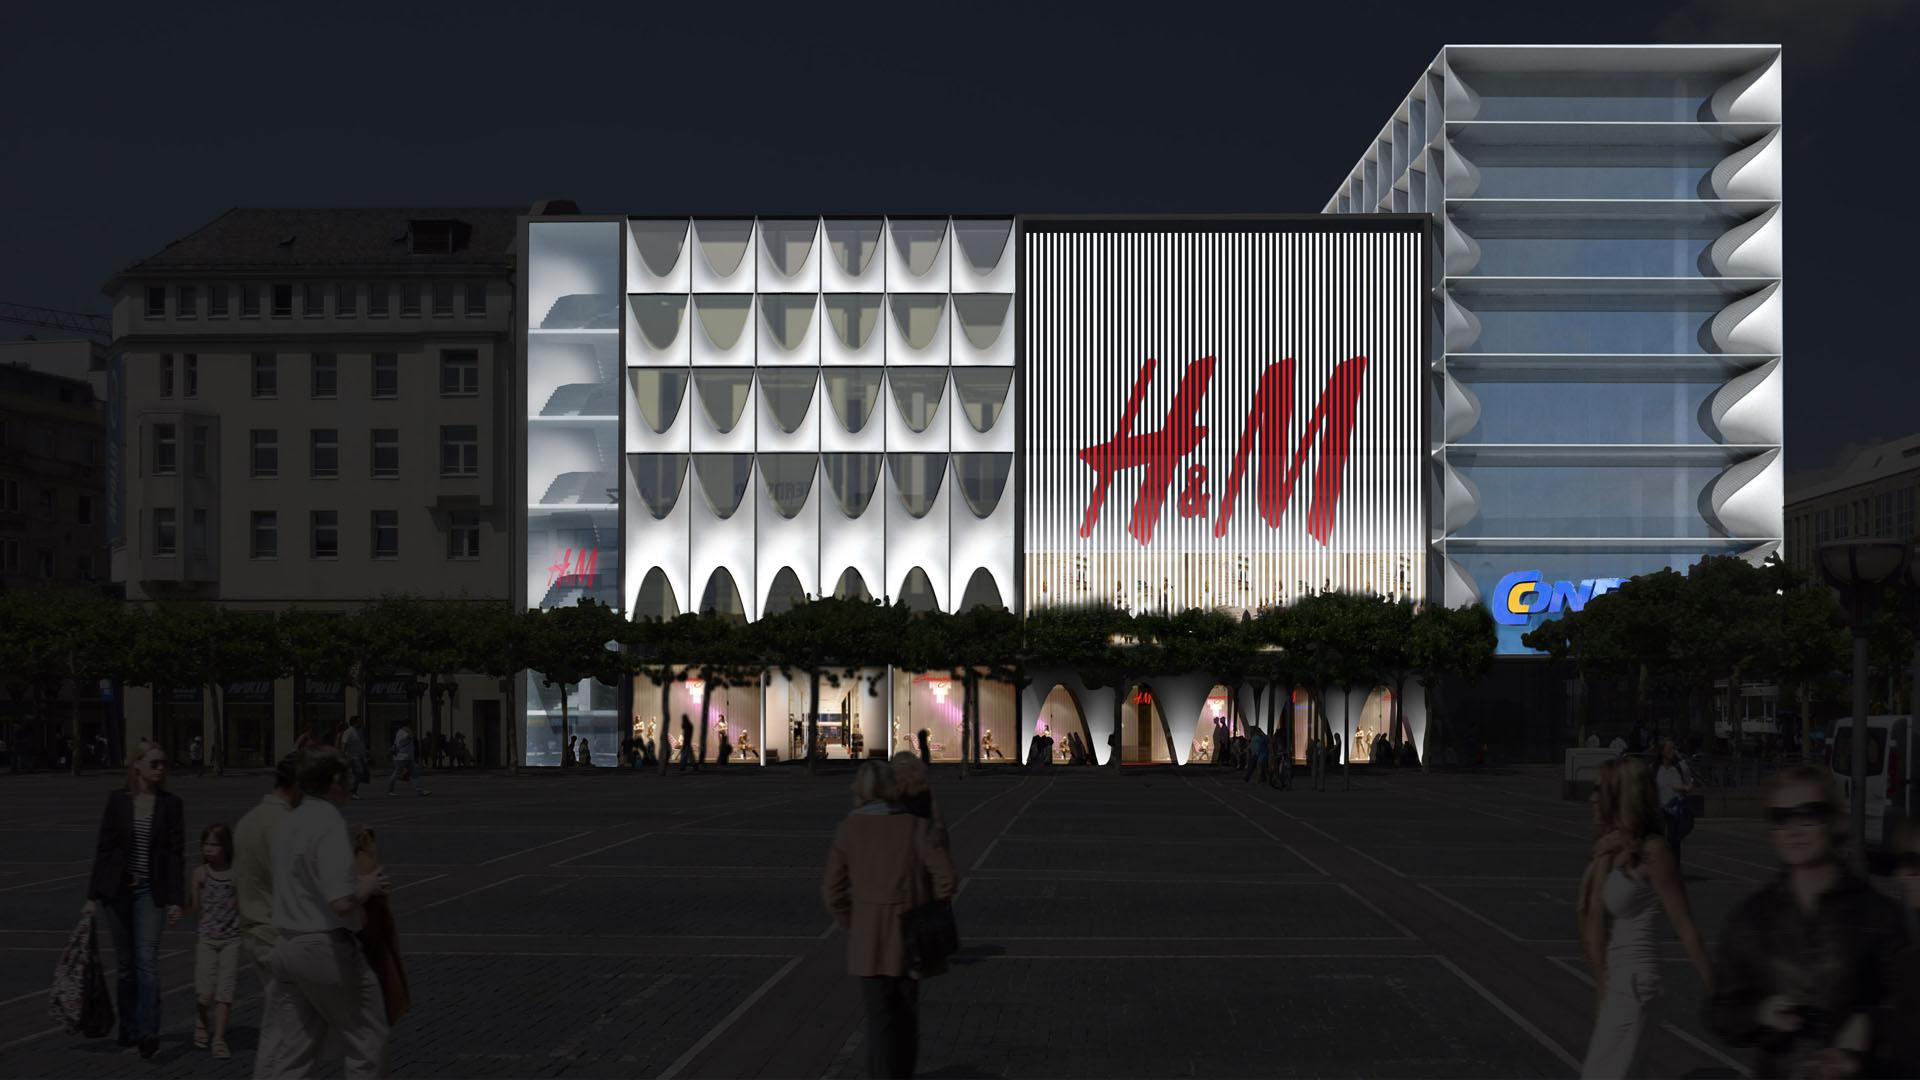 MAASS-Lichtplanung_Fassadenbeleuchtungskonzept für Frankfurter Geschäftshaus__MAASS-Zeil-005